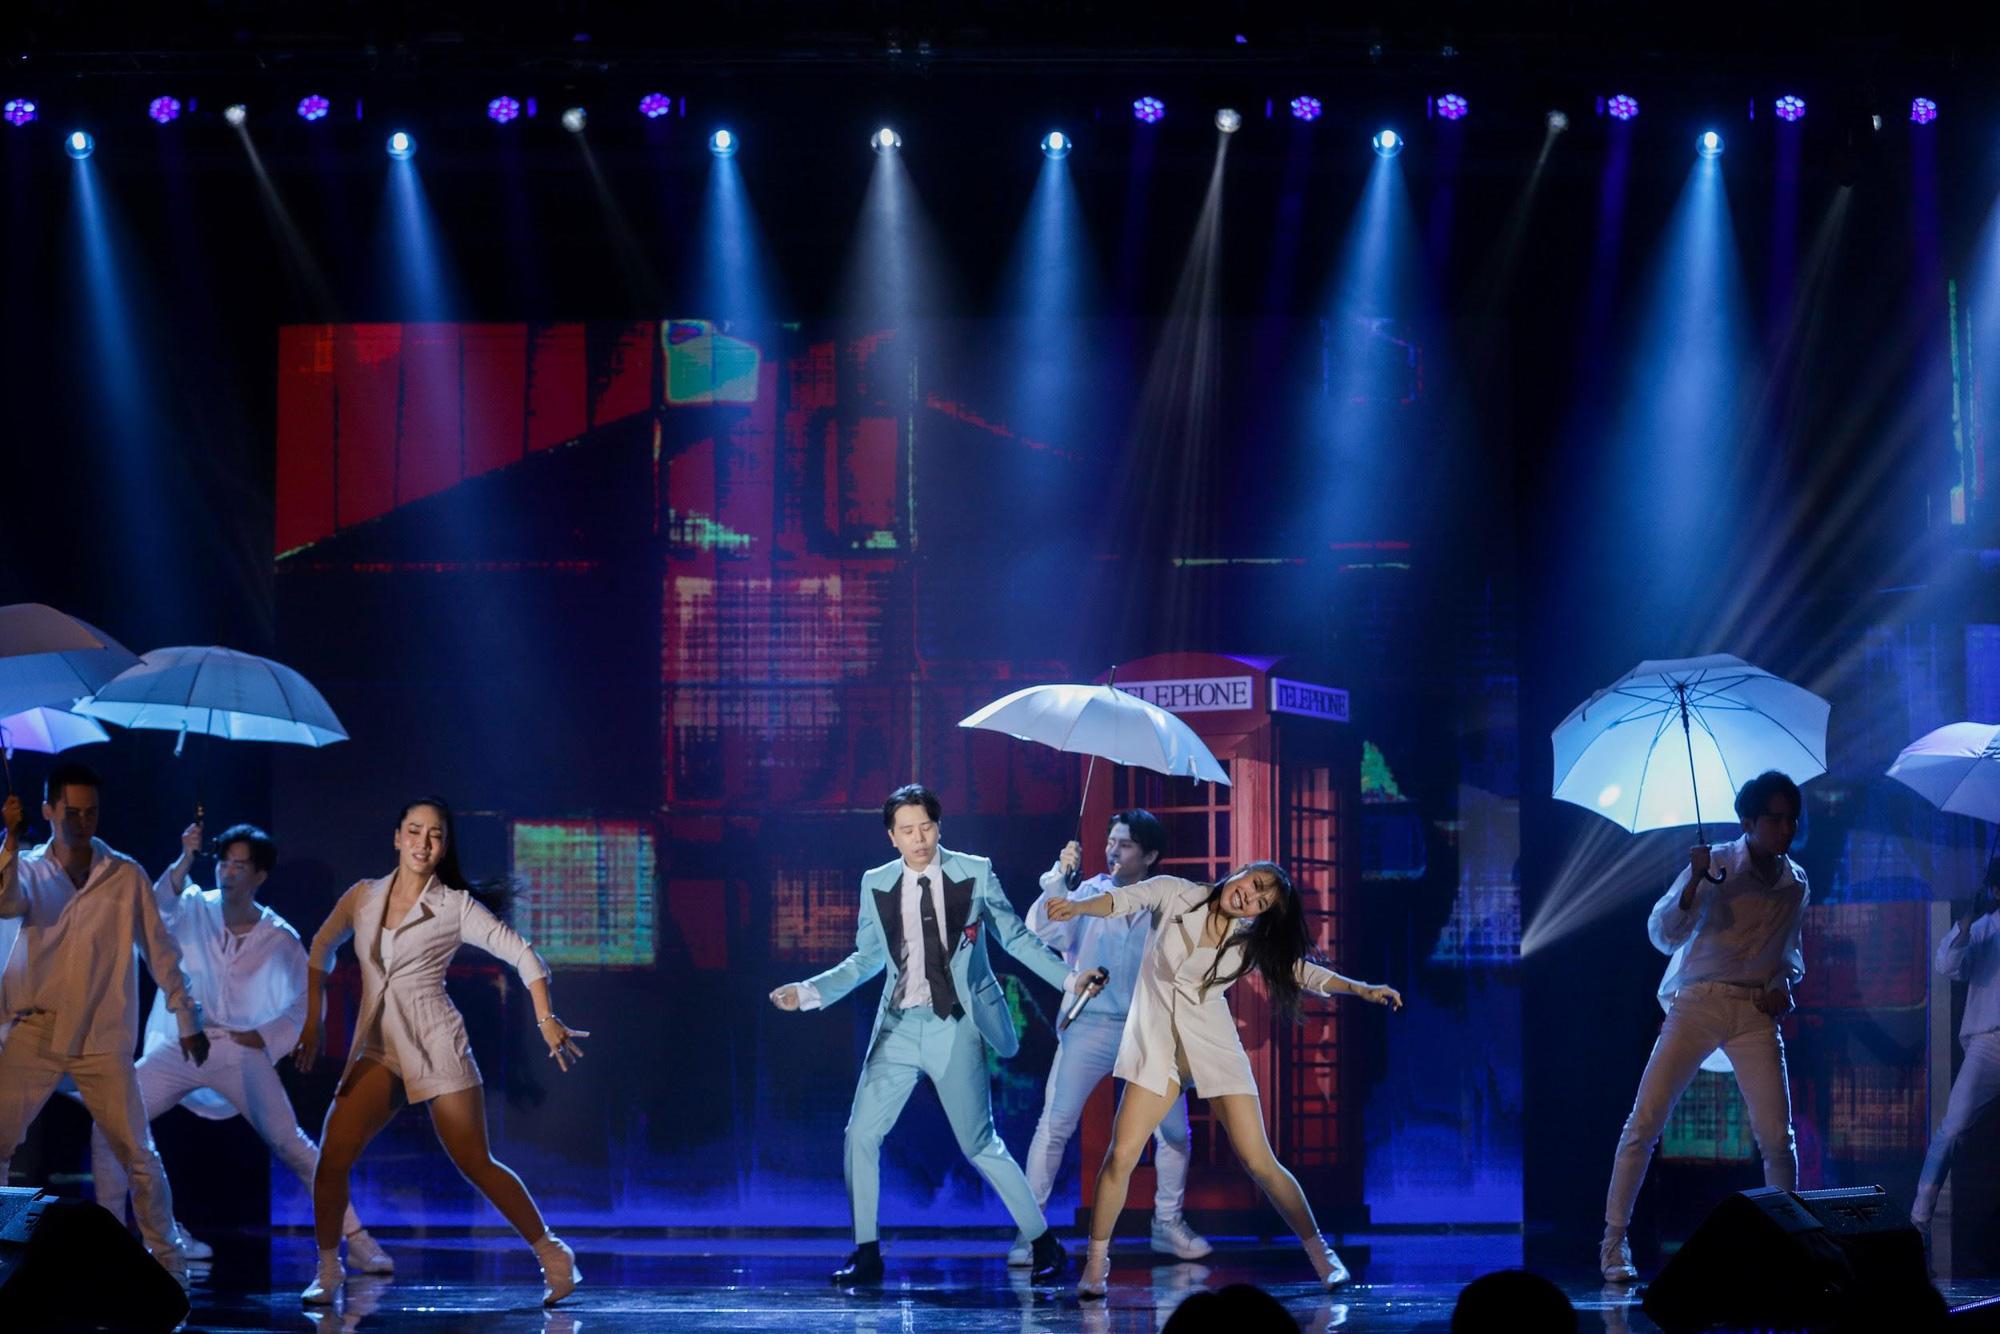 Loạt ảnh mới nhất xinh lung linh của Đông Nhi, Noo Phước Thịnh khiến khán giả trầm trồ trong đêm Gala Secret Concert – Chill Cùng Acecook - Ảnh 8.